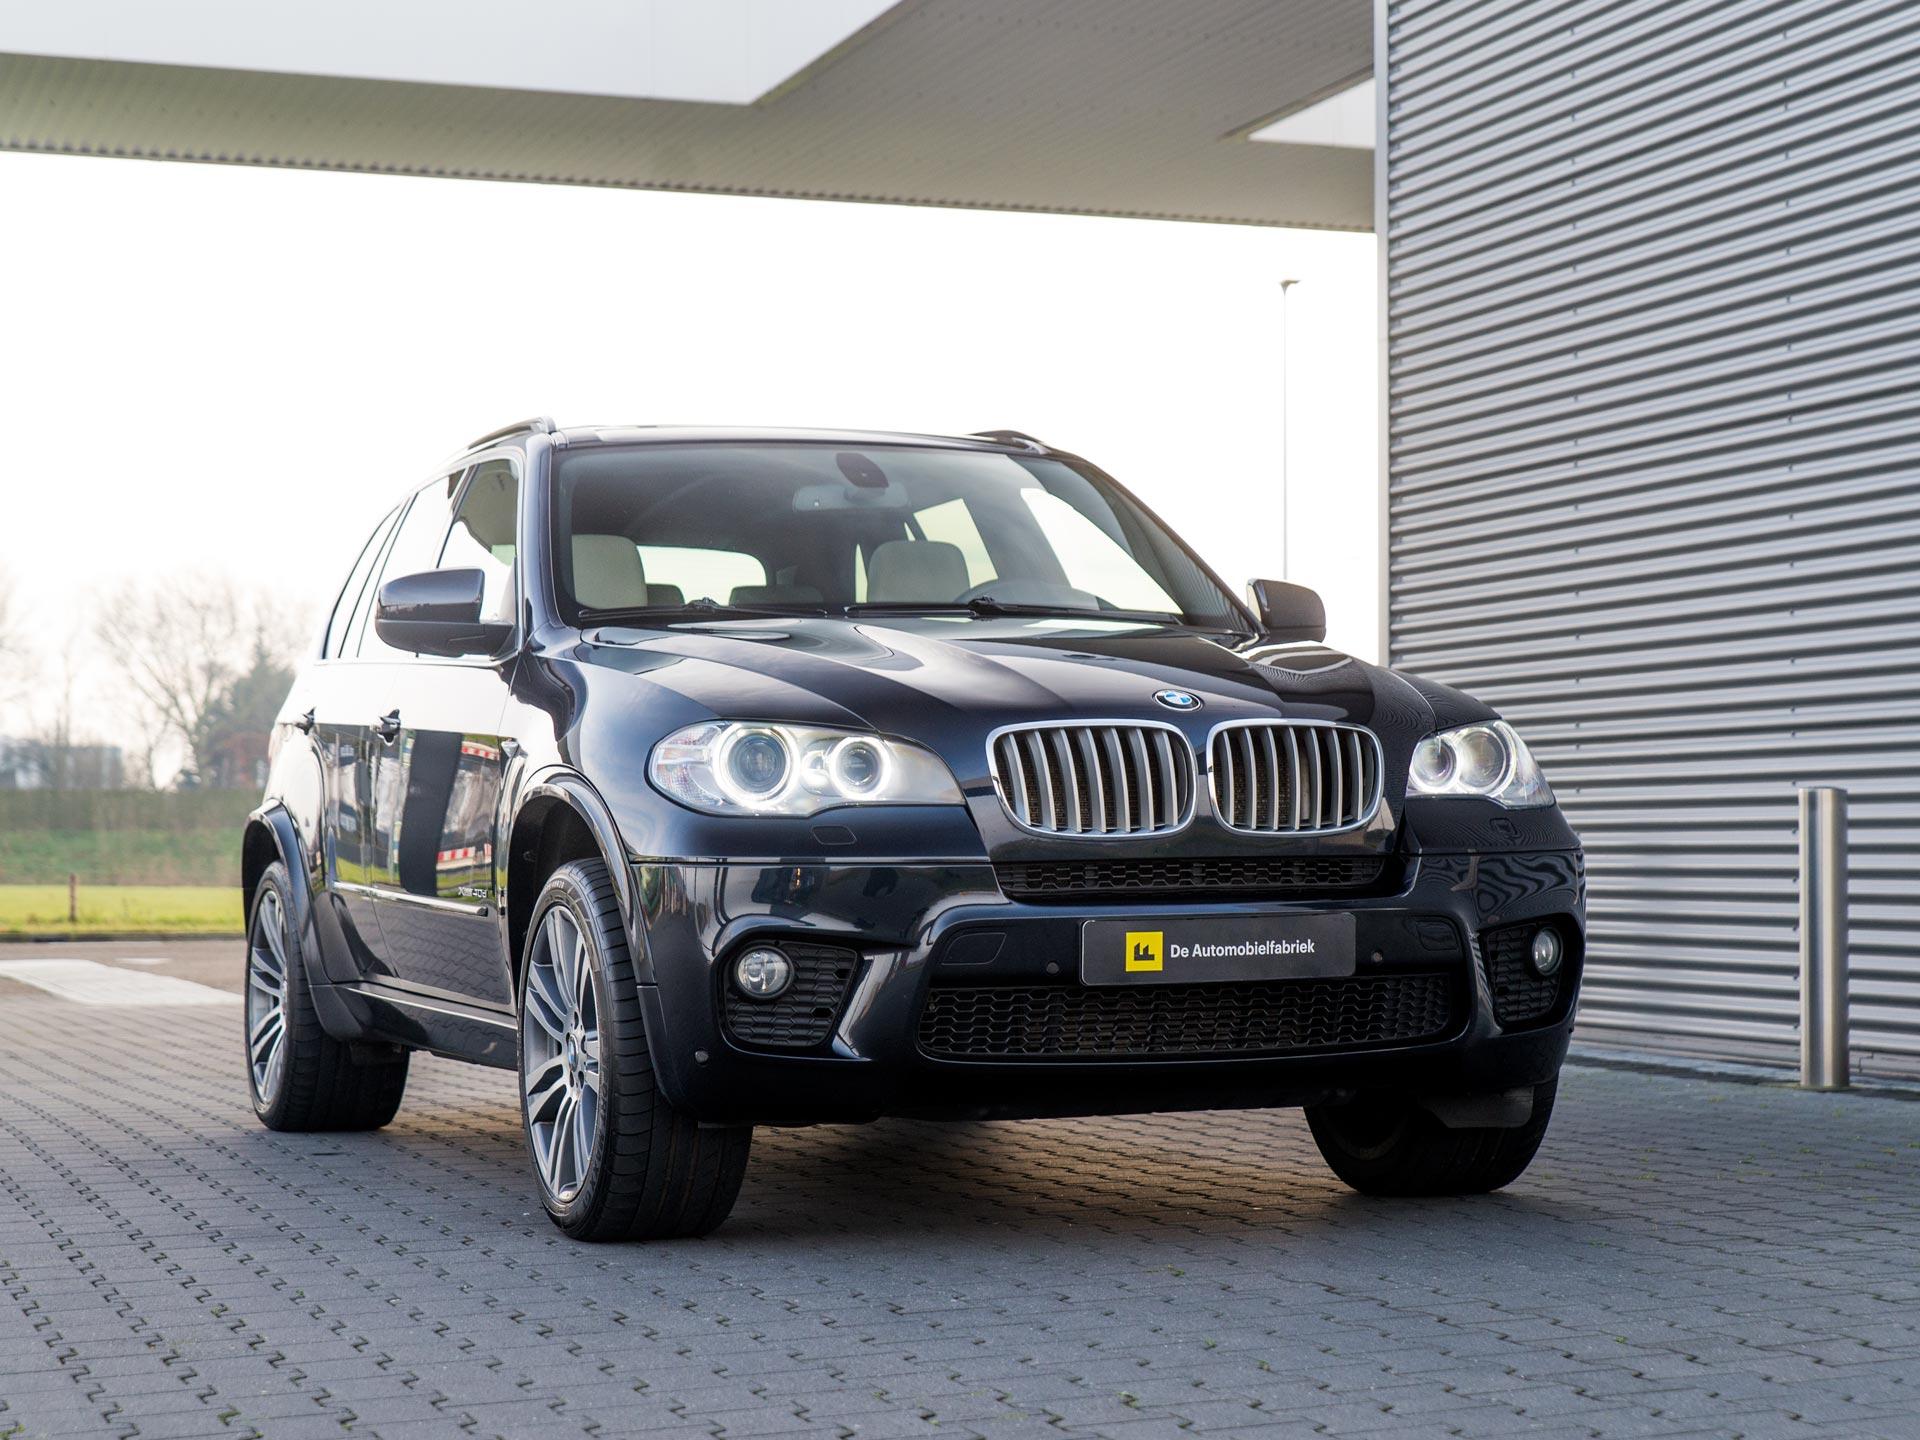 Tweedehands BMW X5 occasion